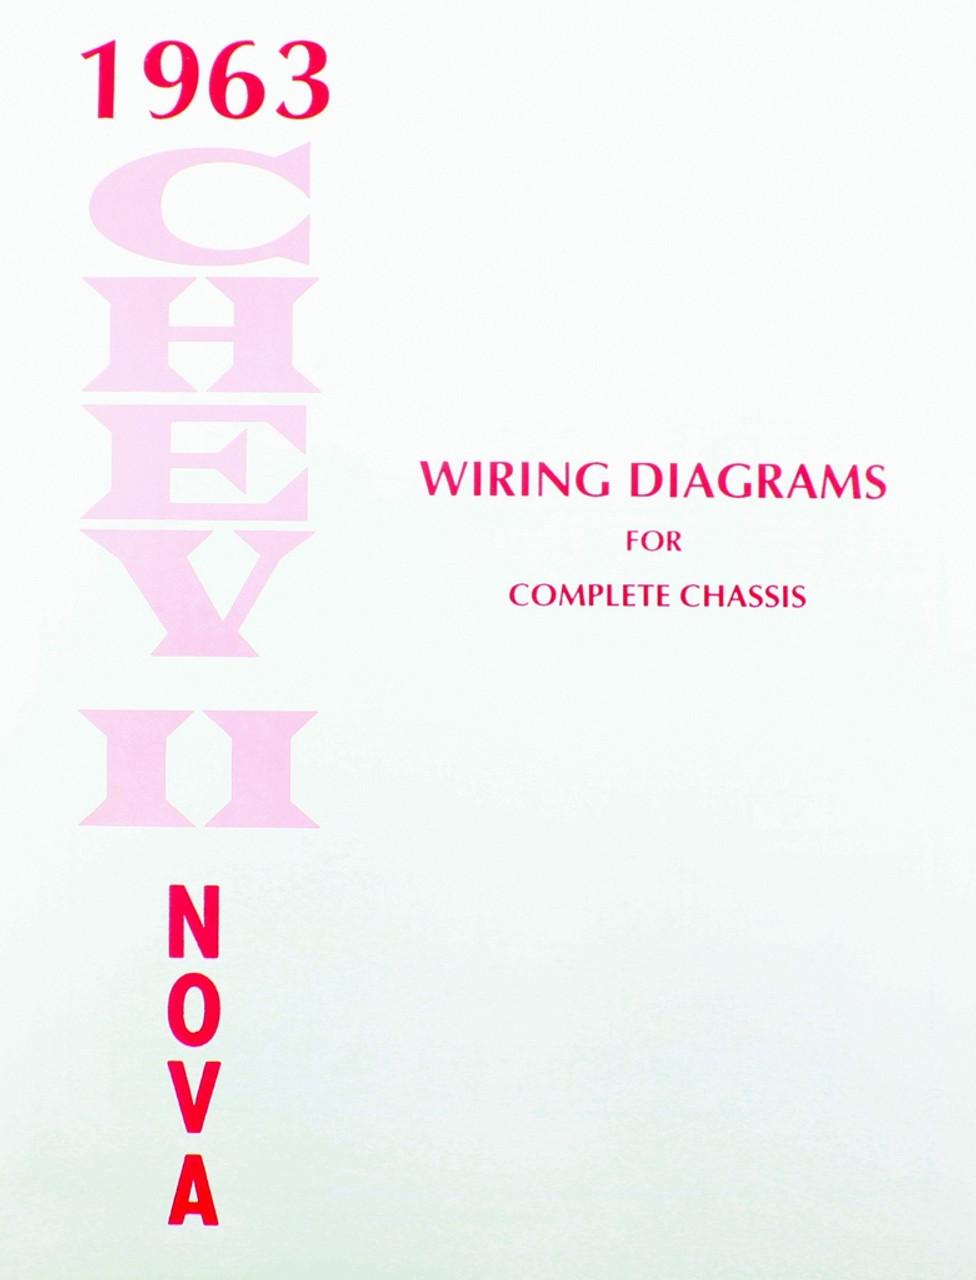 L1902_zpsxzydzxji__57930.1507328117?c\=2 1963 nova wiring diagram wiring diagram shrutiradio 1973 chevy nova wiring diagram at gsmx.co